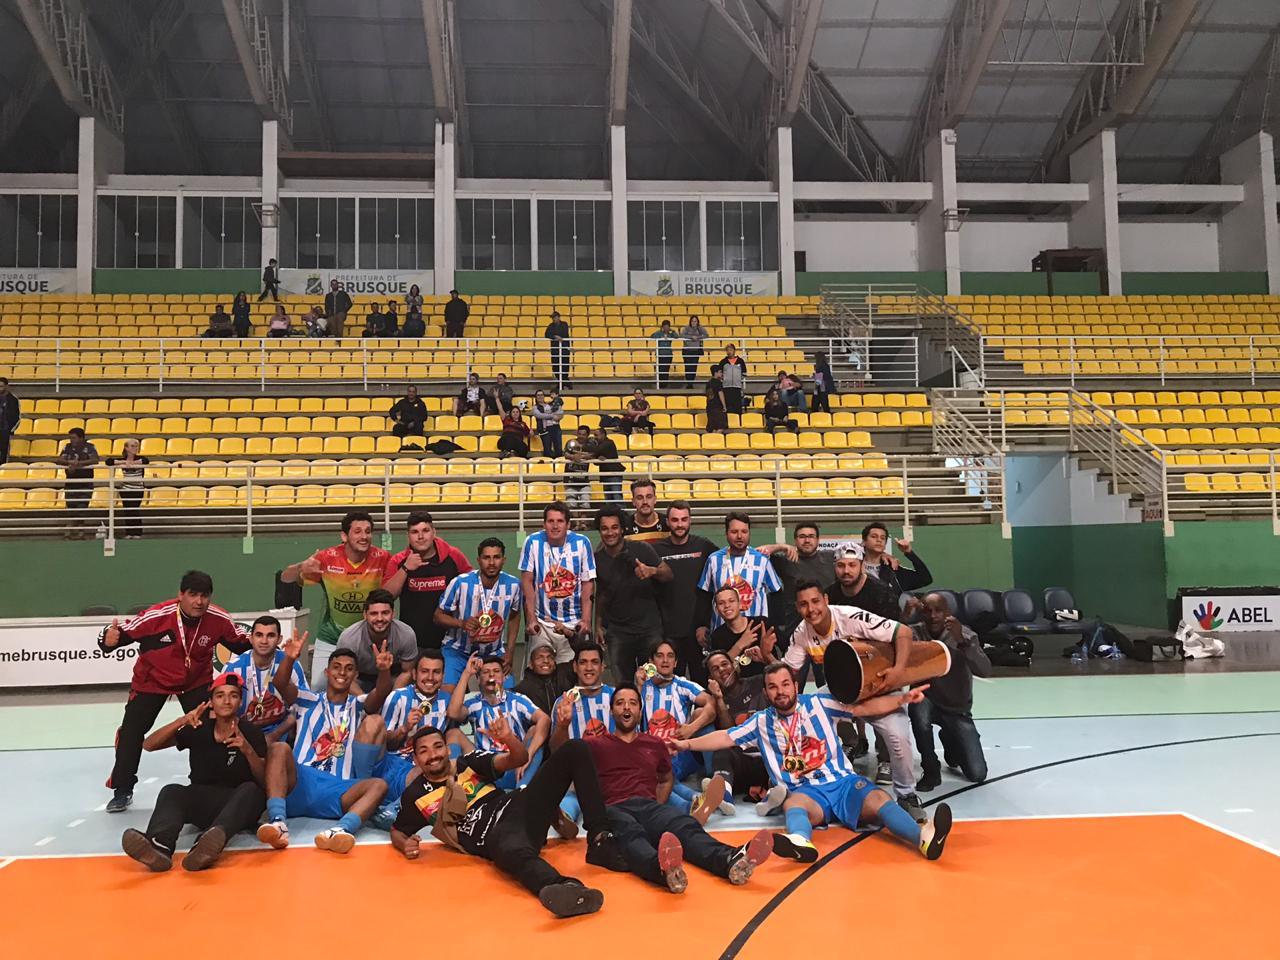 Planalto vence futsal livre e leva a última modalidade em disputa dos Jogos Abertos